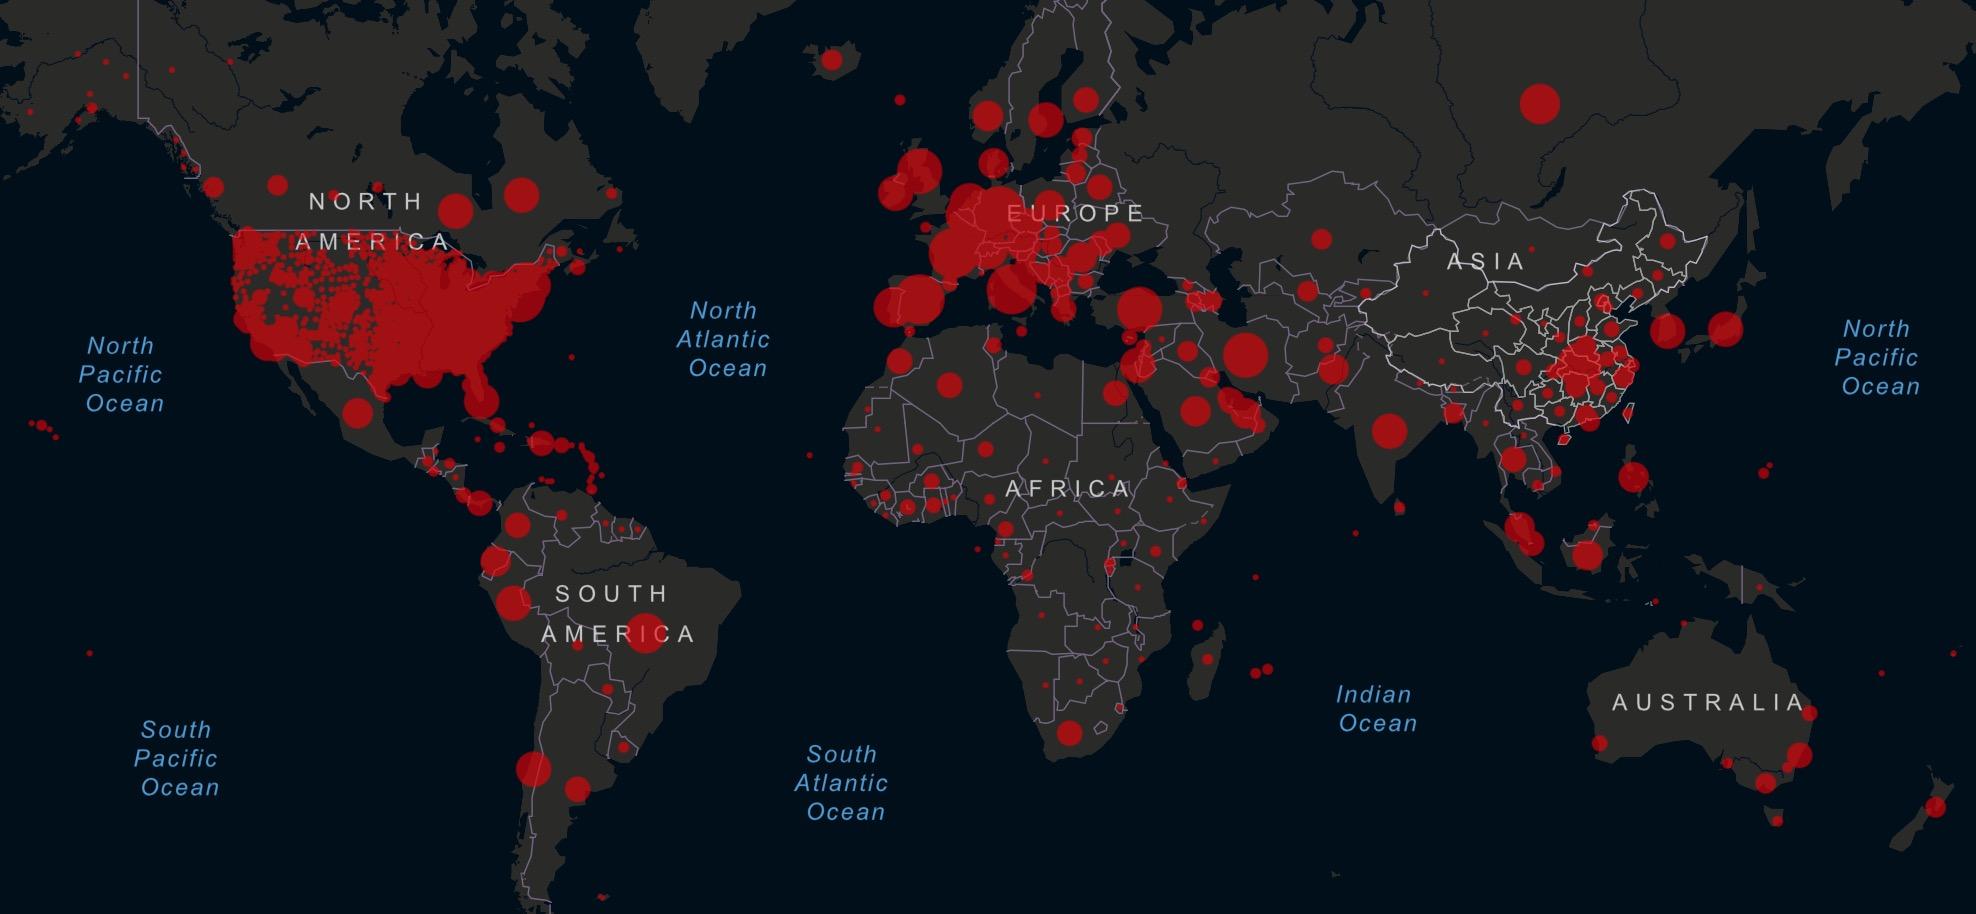 支援多国战疫,中国为世界解忧